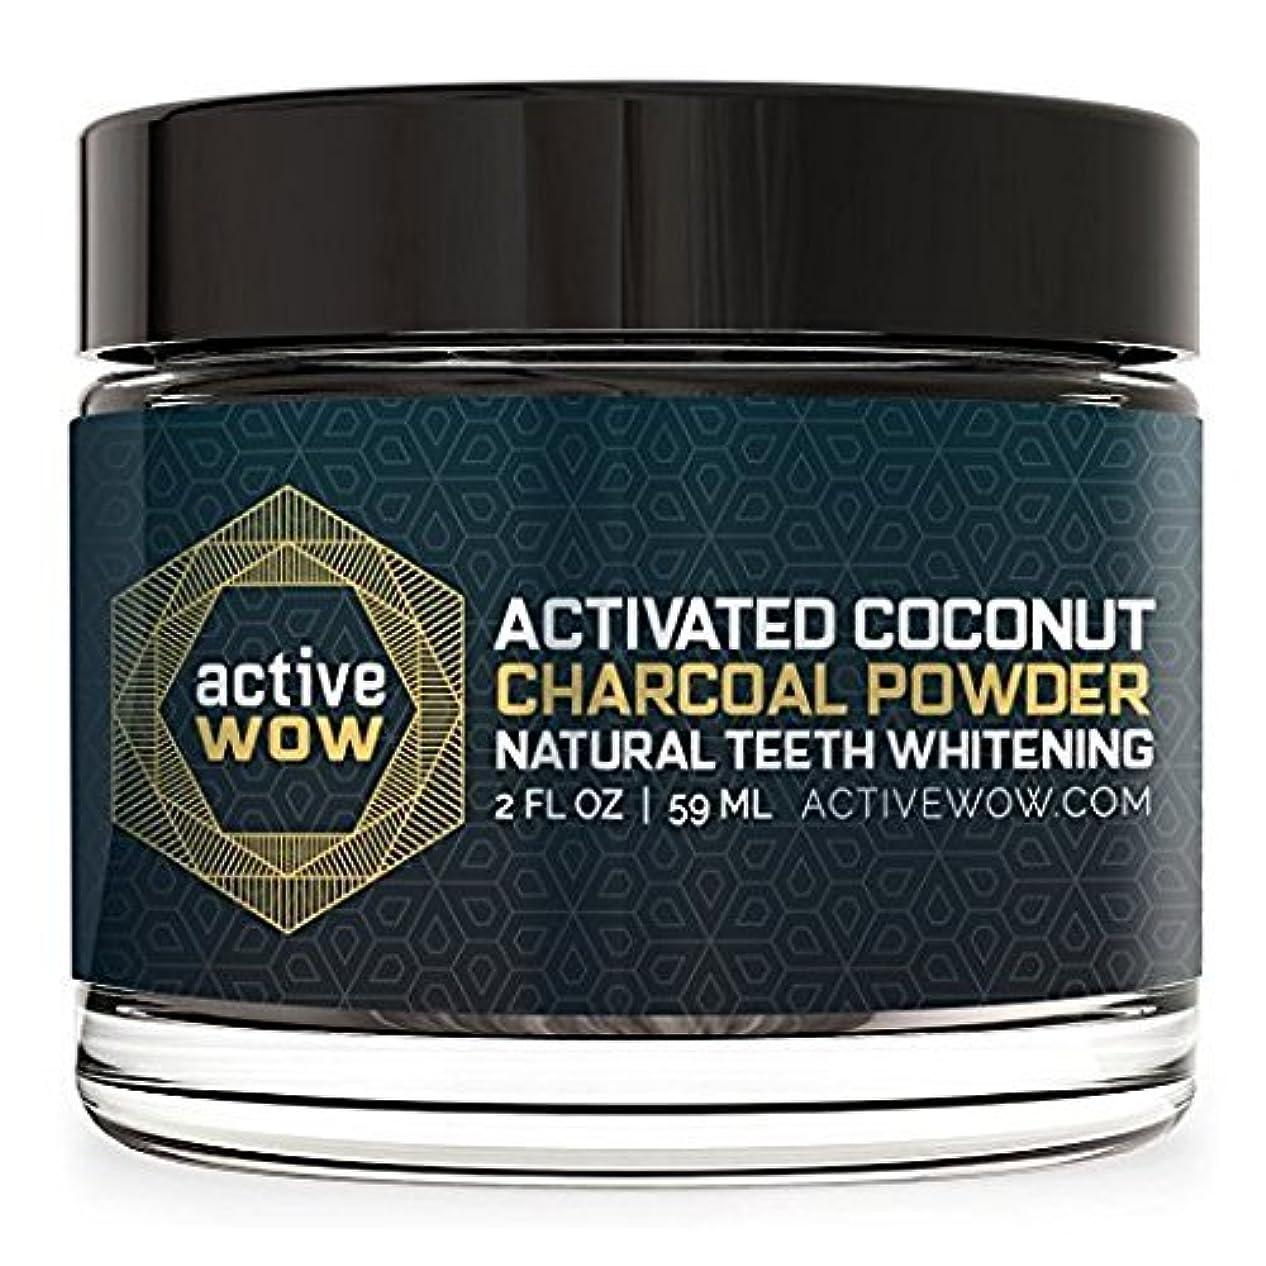 砂利害虫急流アメリカで売れている 炭パウダー歯のホワイトニング Teeth Whitening Charcoal Powder Natural [並行輸入品]